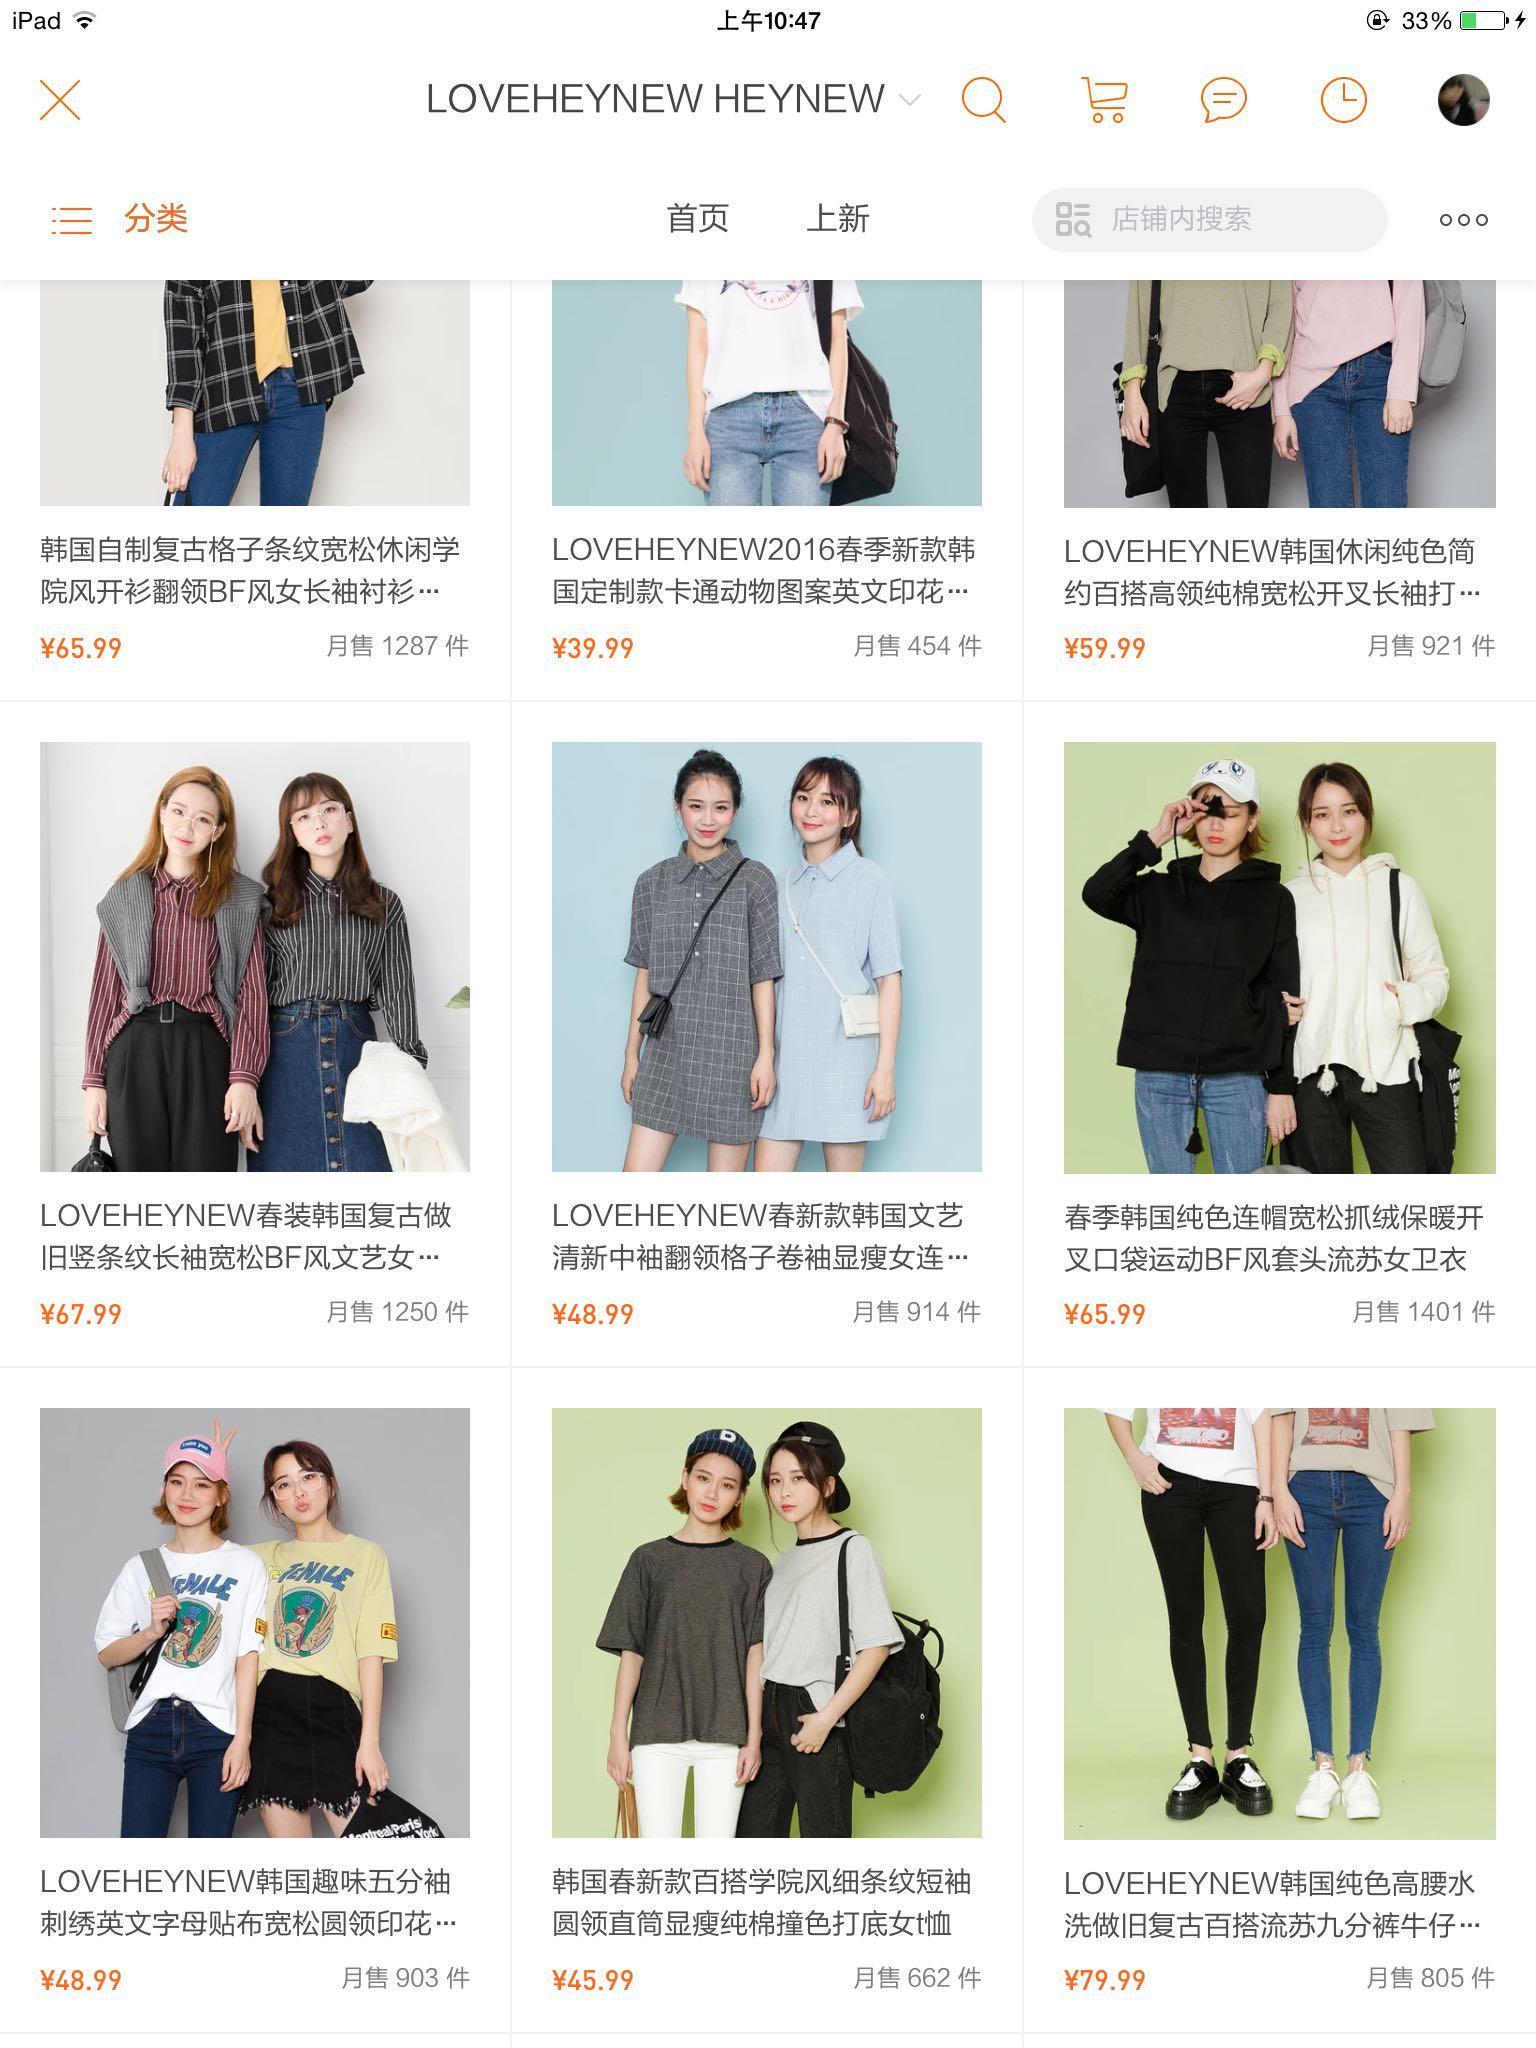 中学女生学穿衣自己,学搭配睡觉?走光初中女生打扮图片